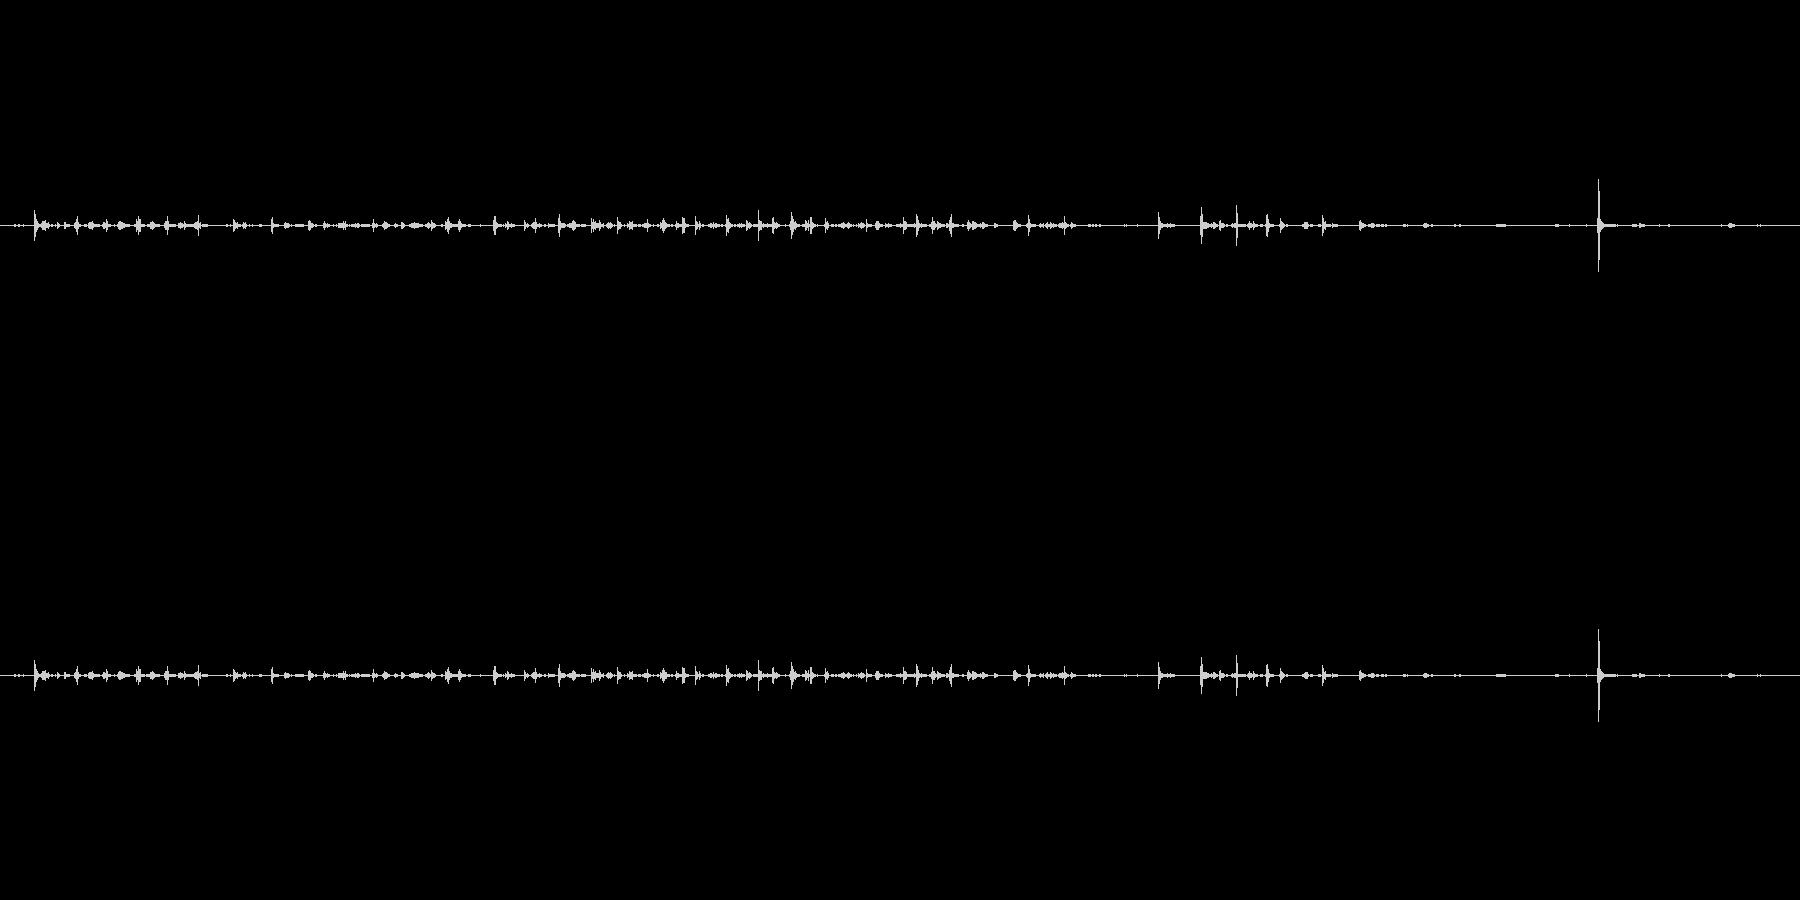 キーボードをタイピングしたときの音ですの未再生の波形